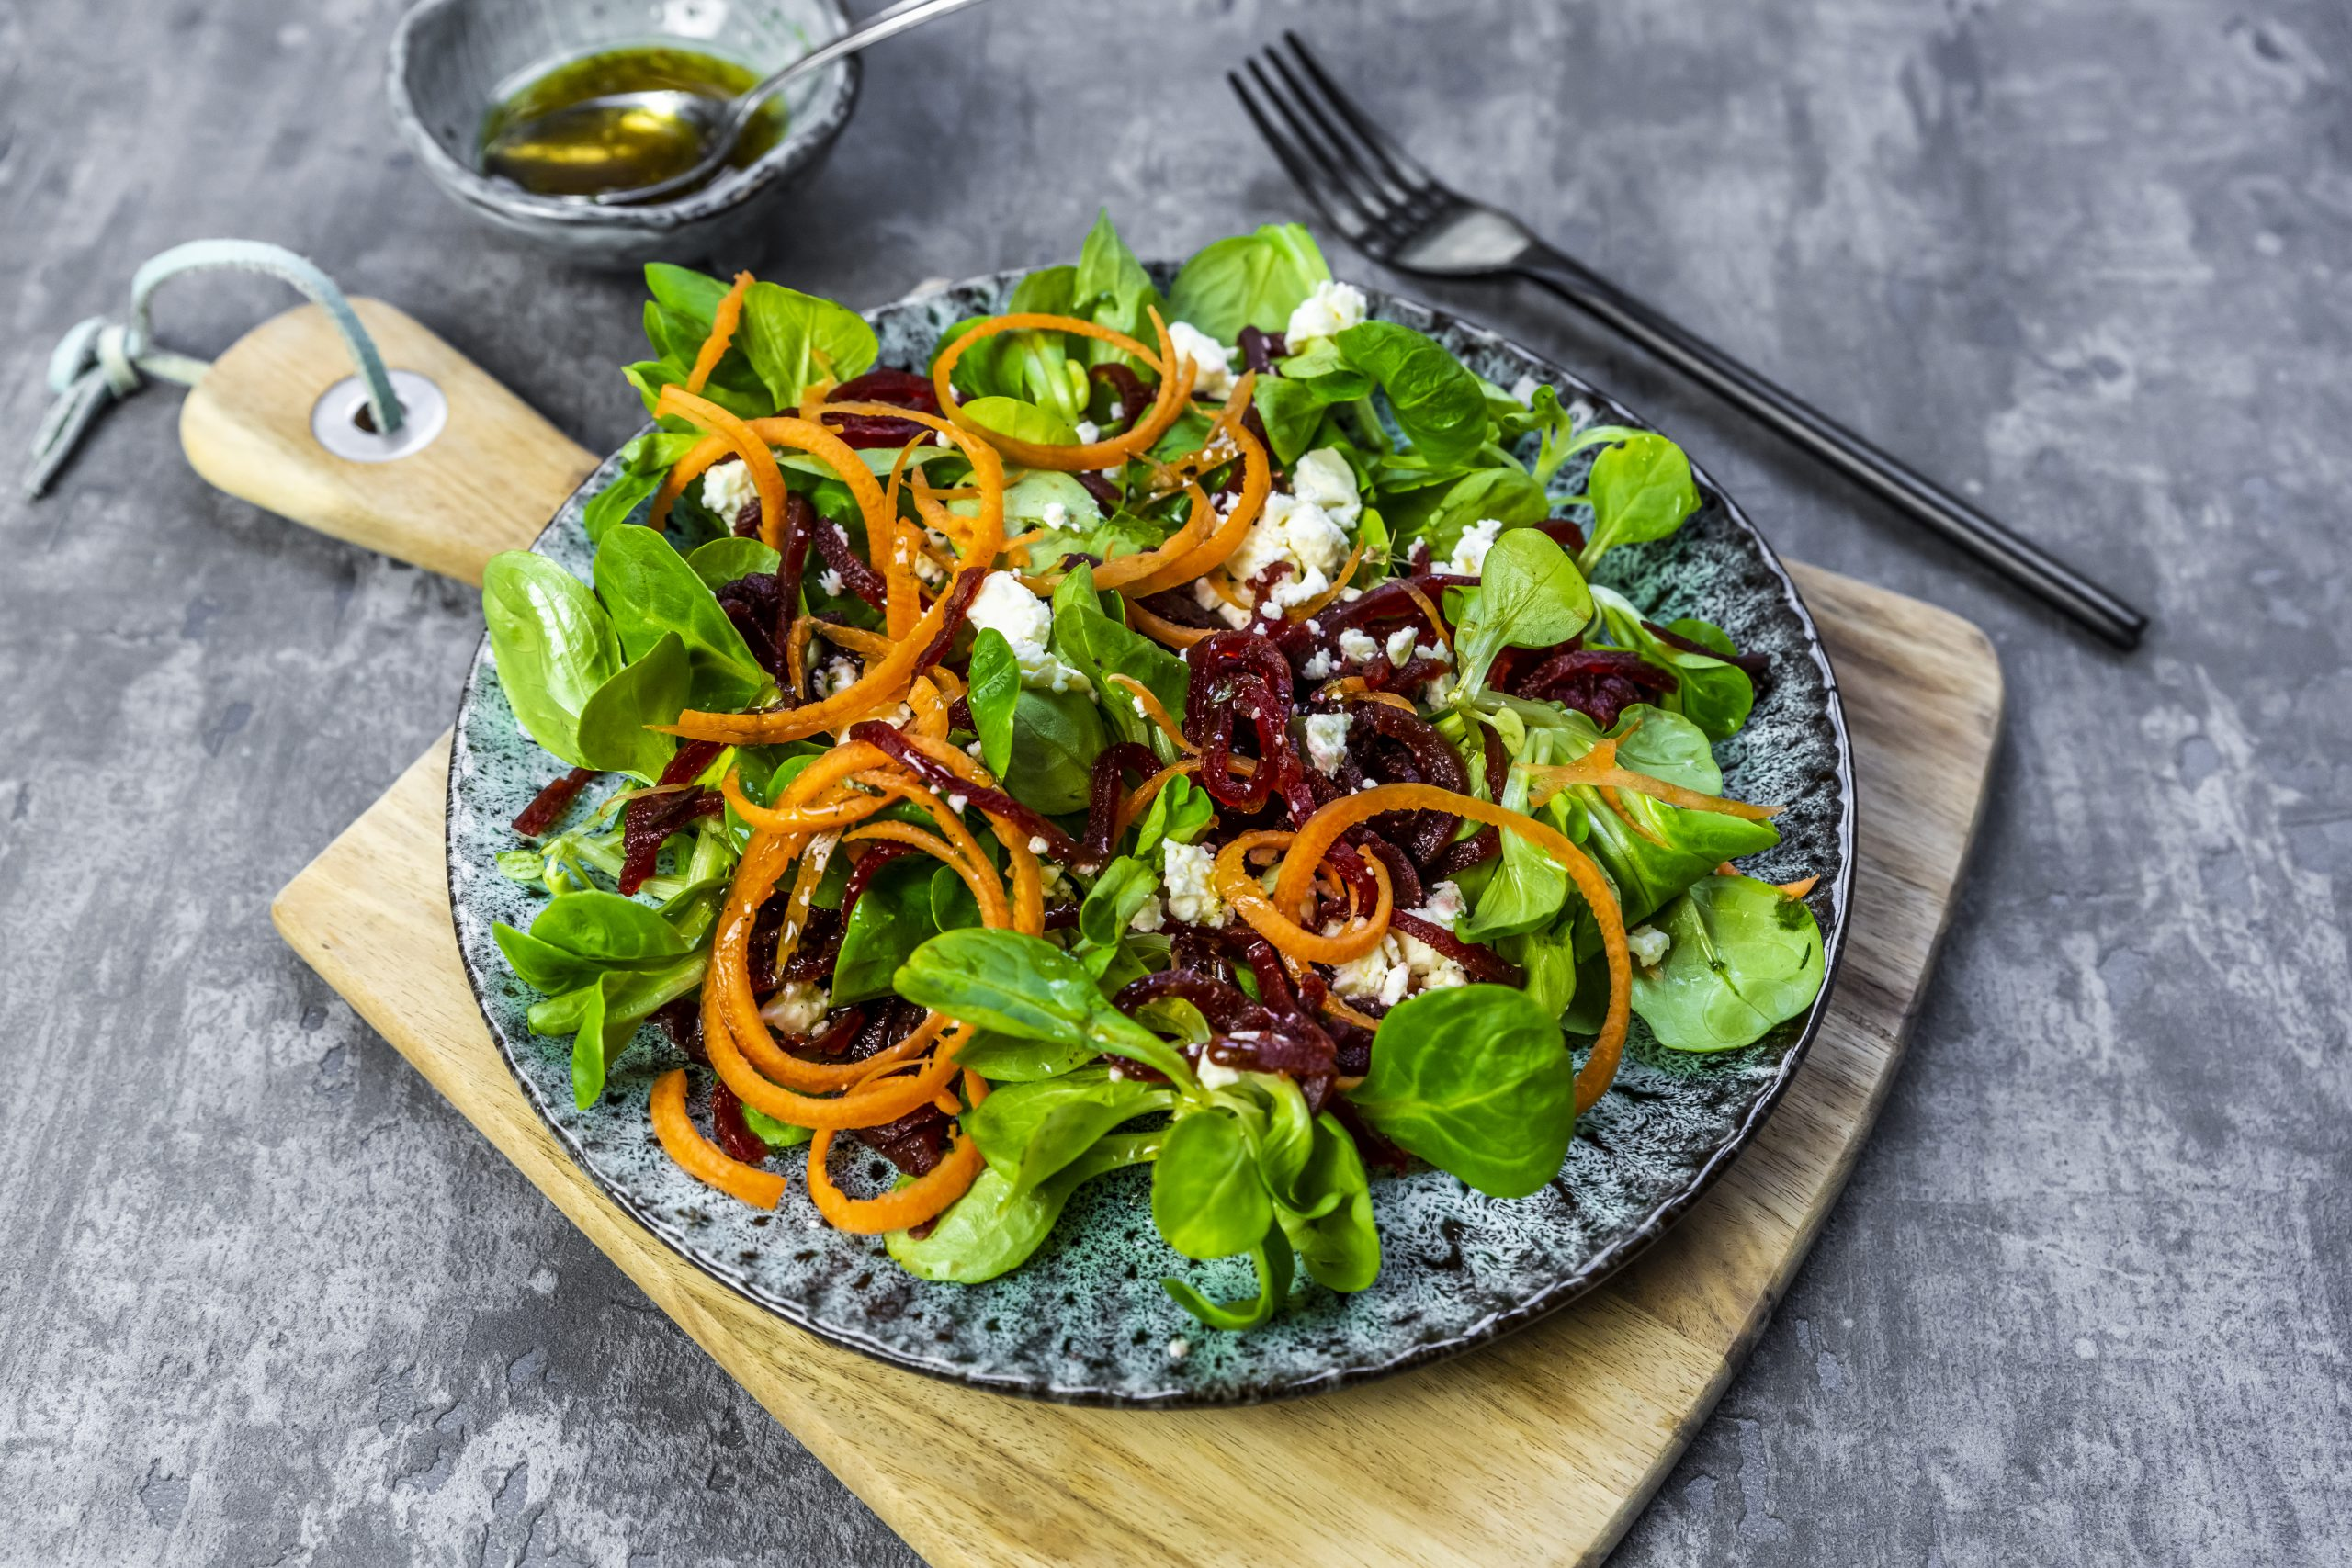 Une salade verte sur une assiette et une planche à découper.